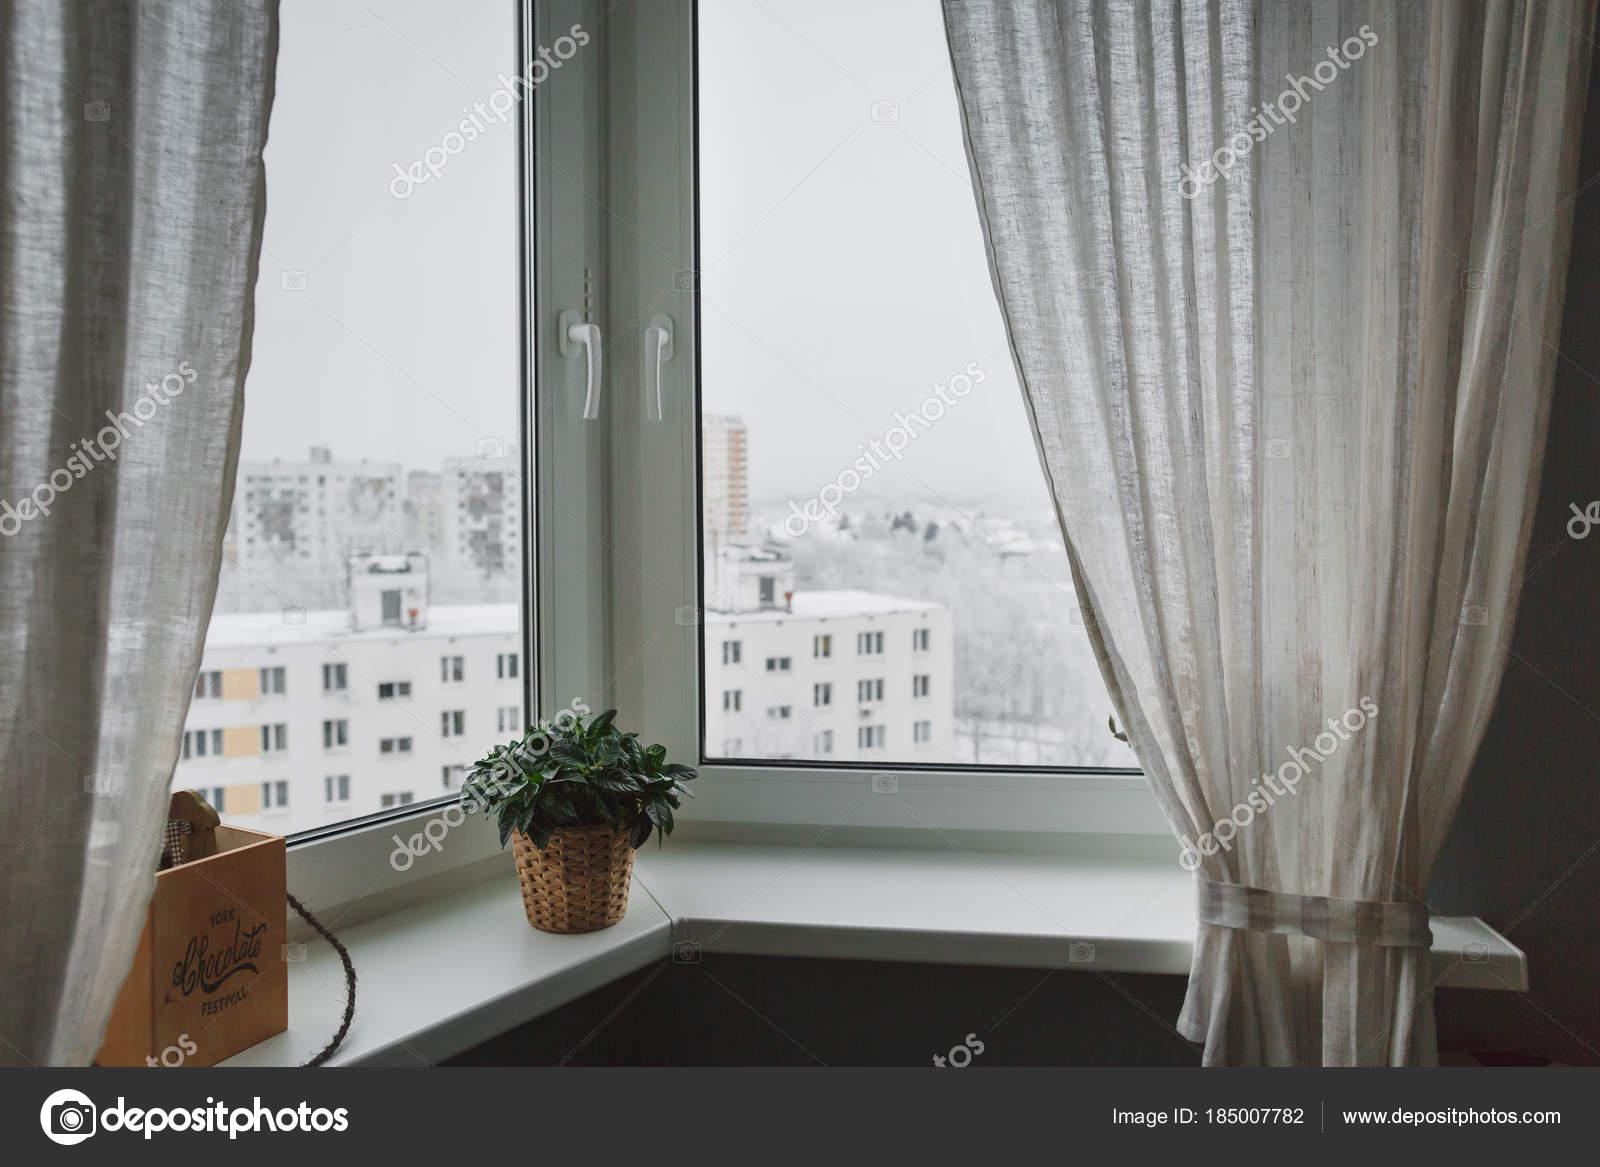 winter landschap buiten het raam met gordijnen vensterbank groene kamerplant stockfoto